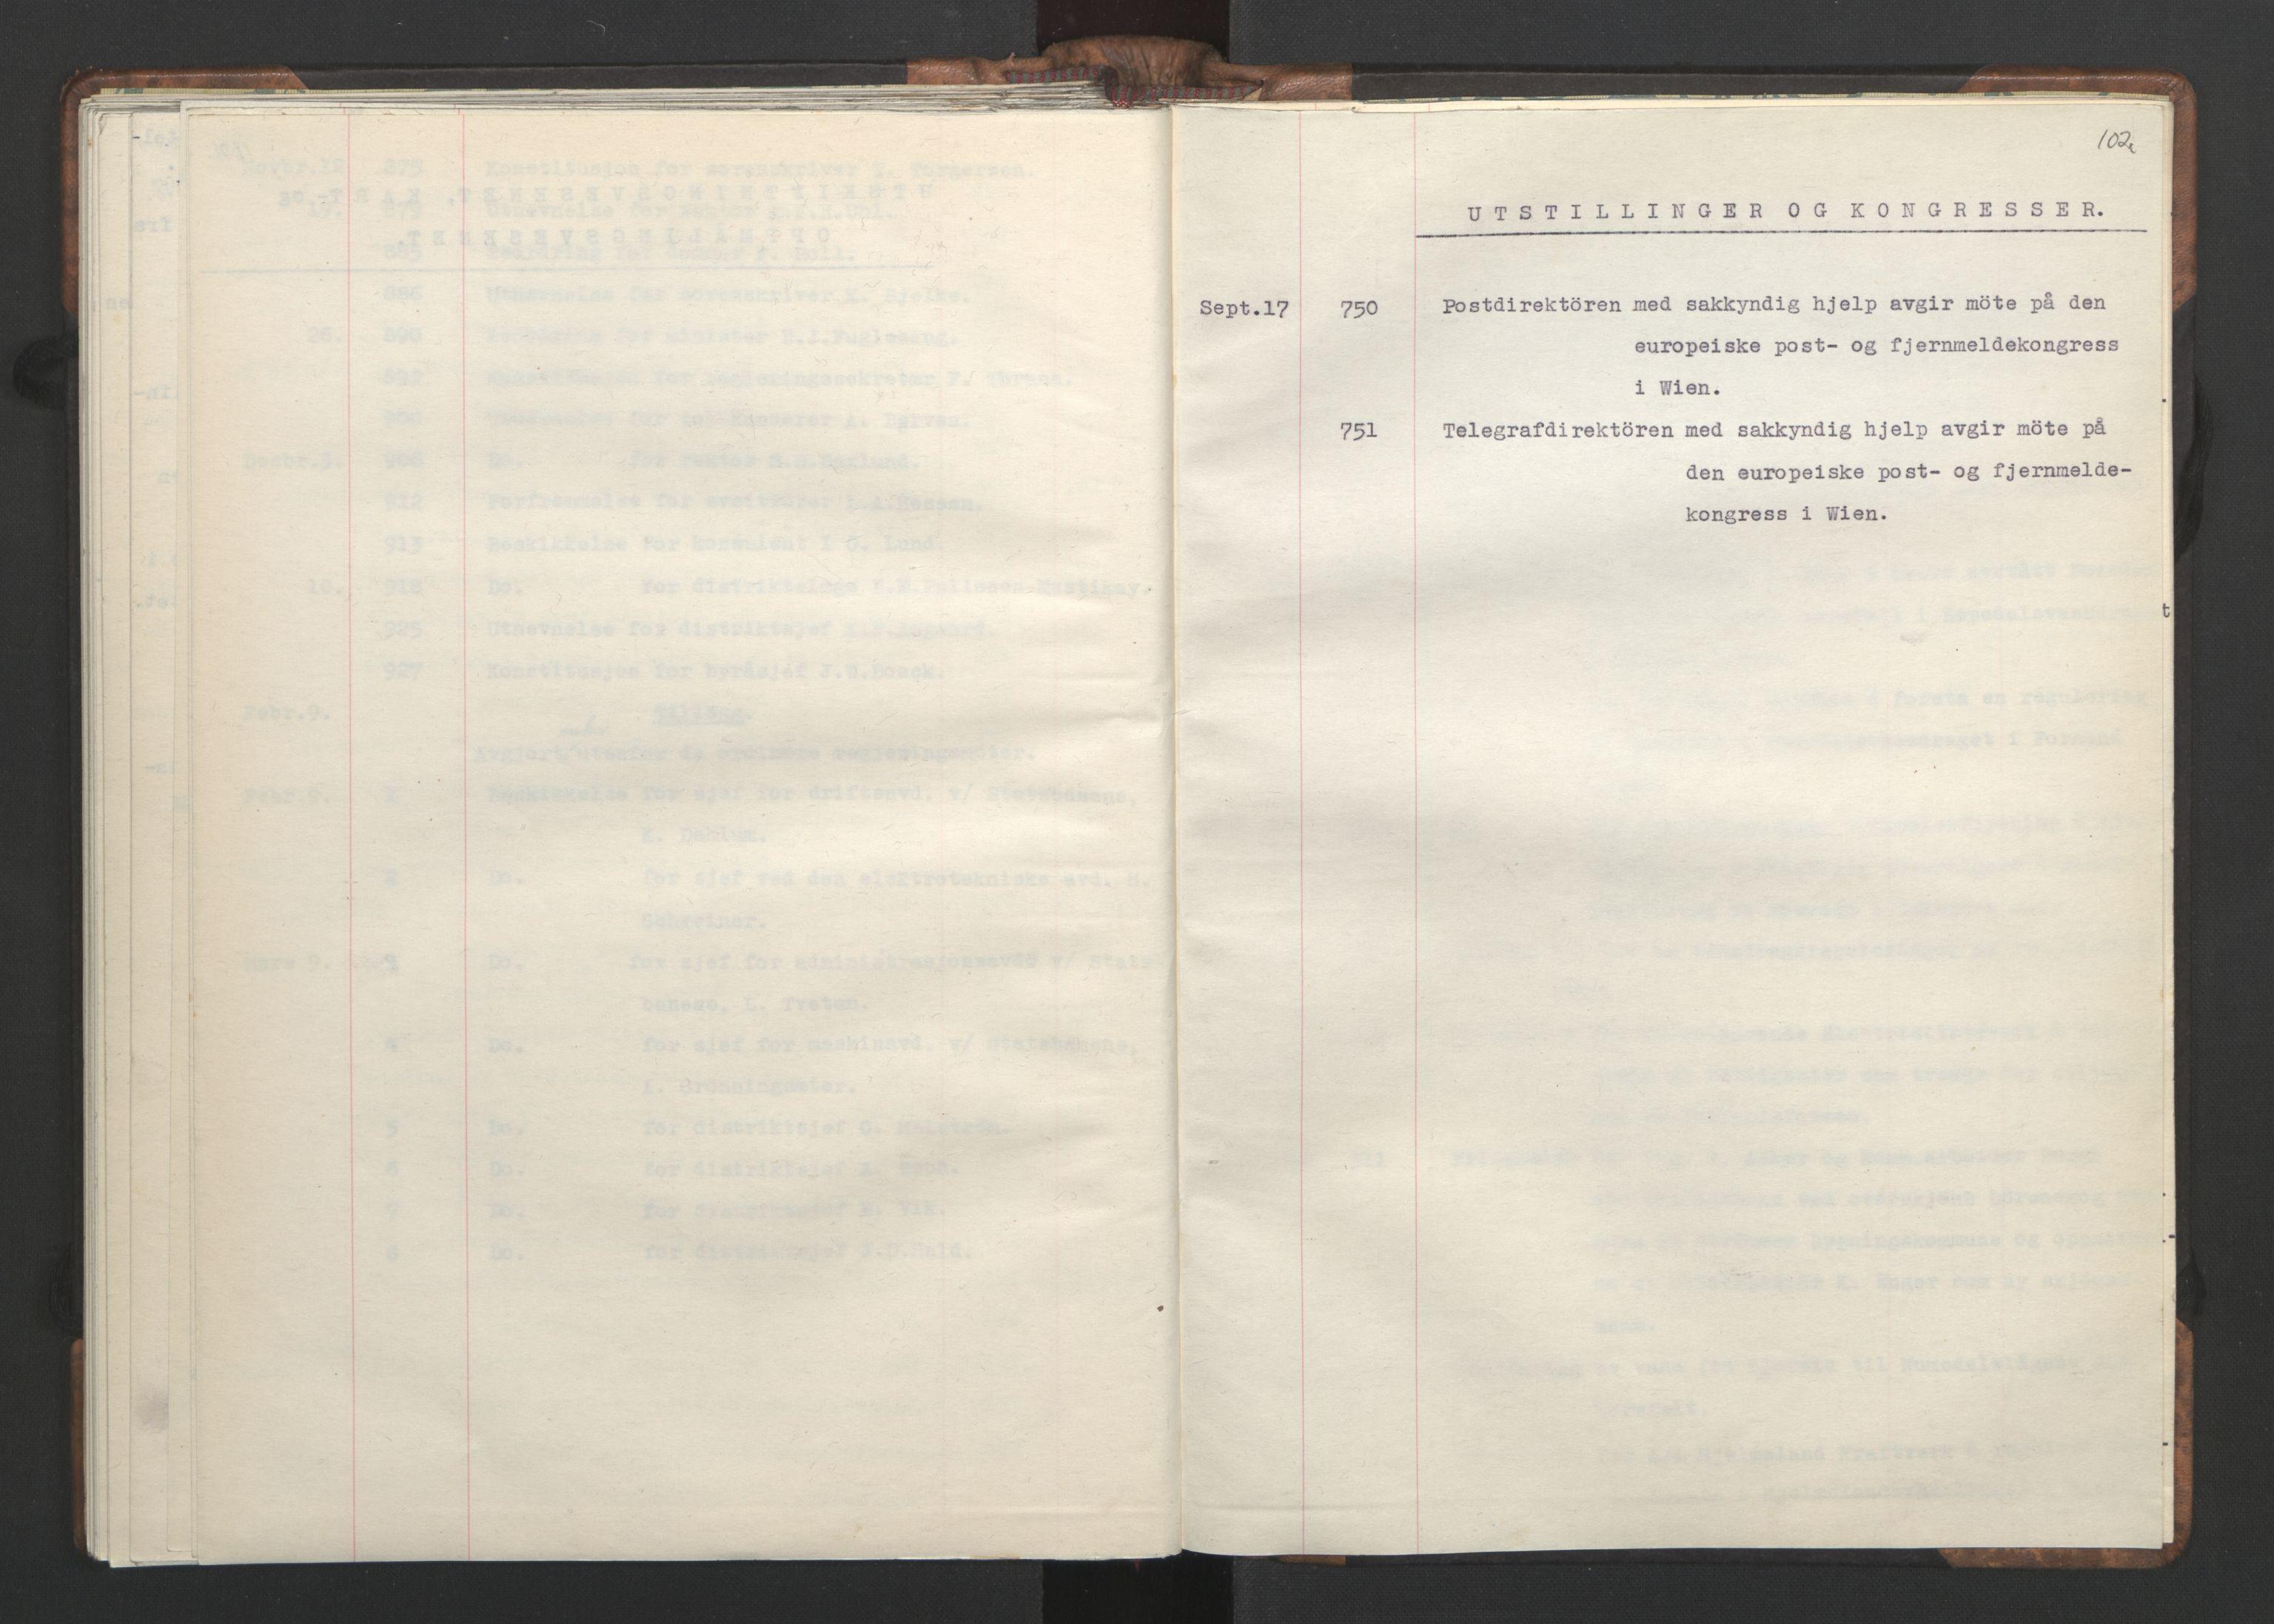 RA, NS-administrasjonen 1940-1945 (Statsrådsekretariatet, de kommisariske statsråder mm), D/Da/L0002: Register (RA j.nr. 985/1943, tilgangsnr. 17/1943), 1942, s. 101b-102a